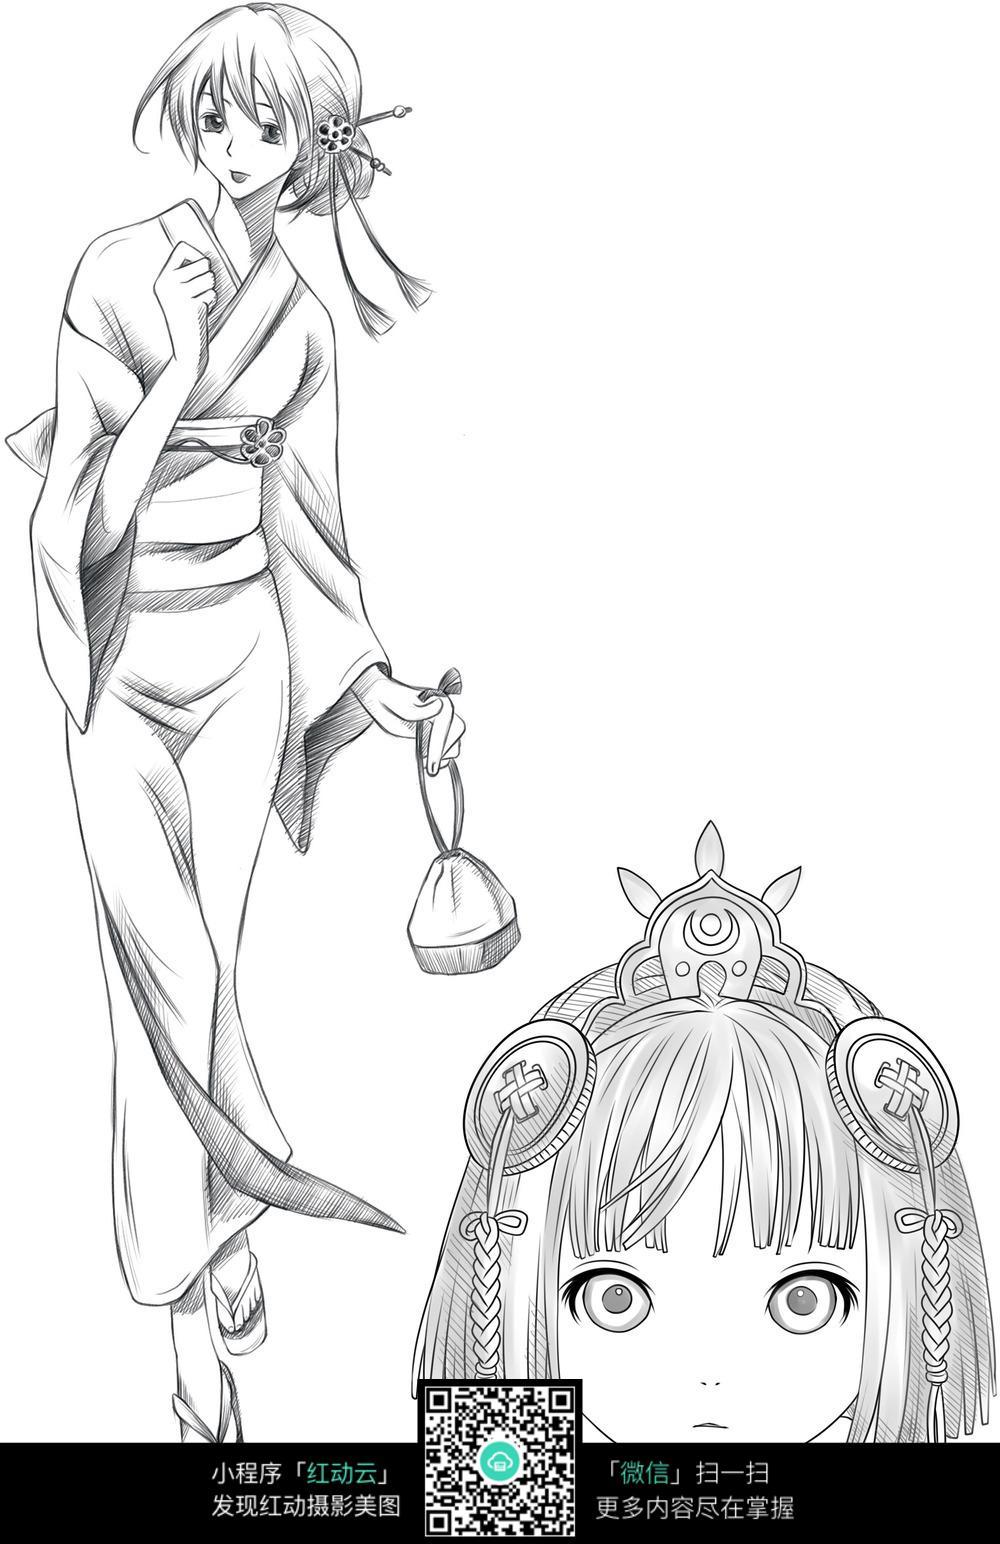 漫画插画 人物卡通 优雅的和服女人  请您分享: 素材描述:红动网提供